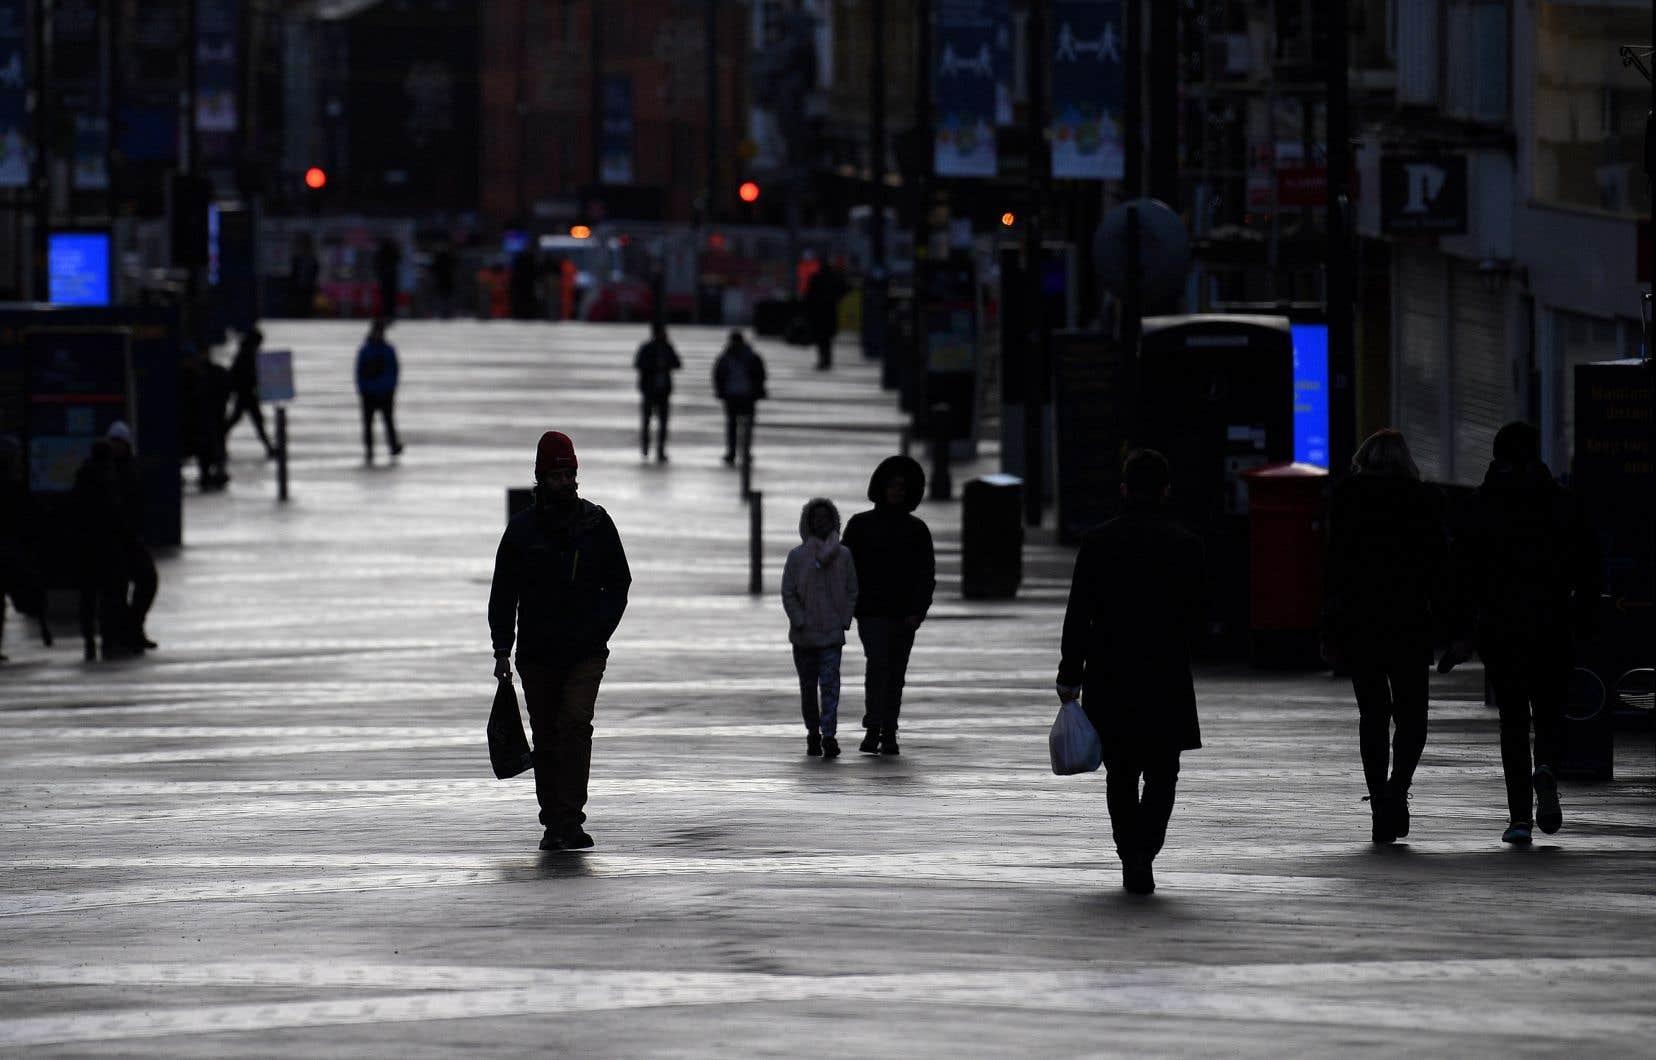 Des gens passent devant des boutiques fermées à Leeds, en Angleterre. Le pays est revenu à un long et dur troisième confinement.